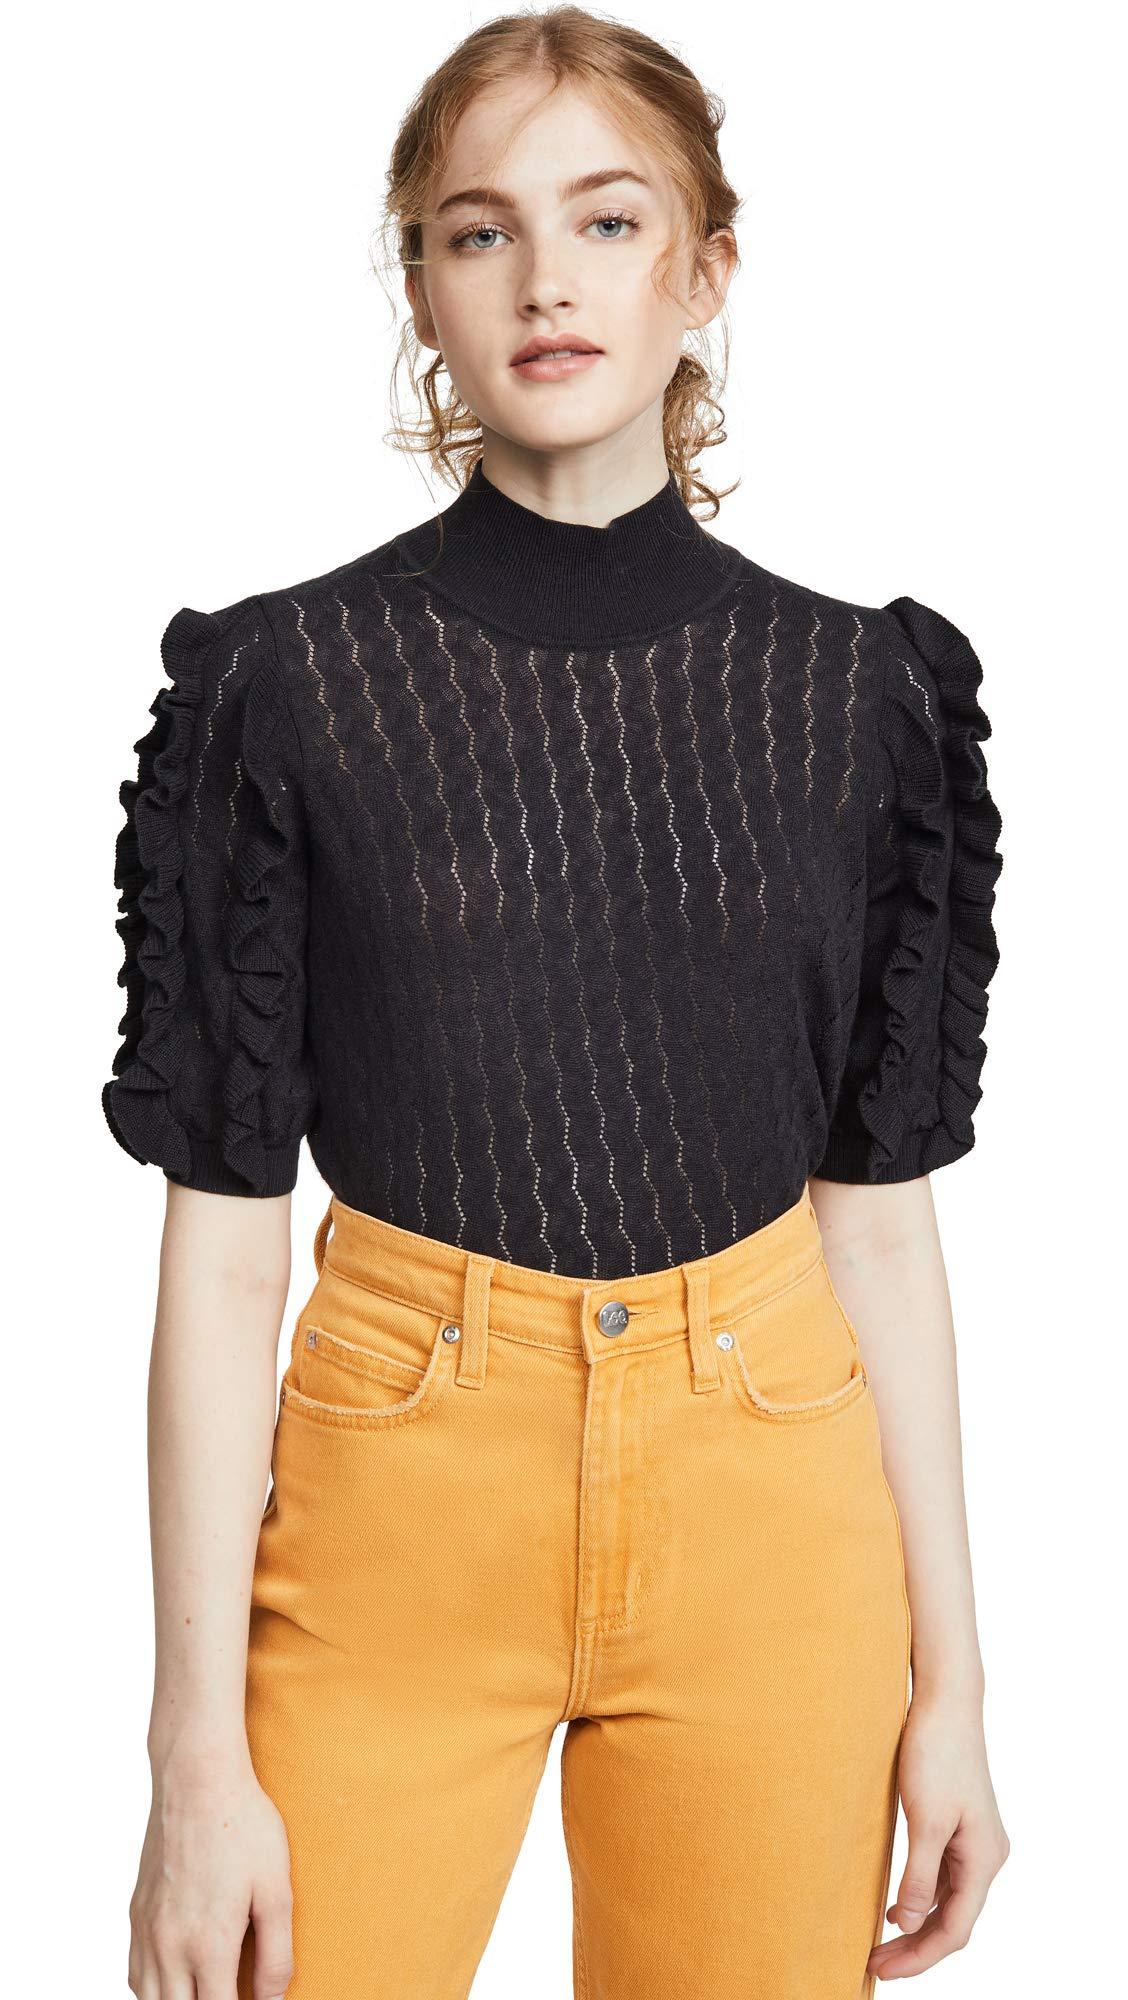 Joie Women's Halton Sweater